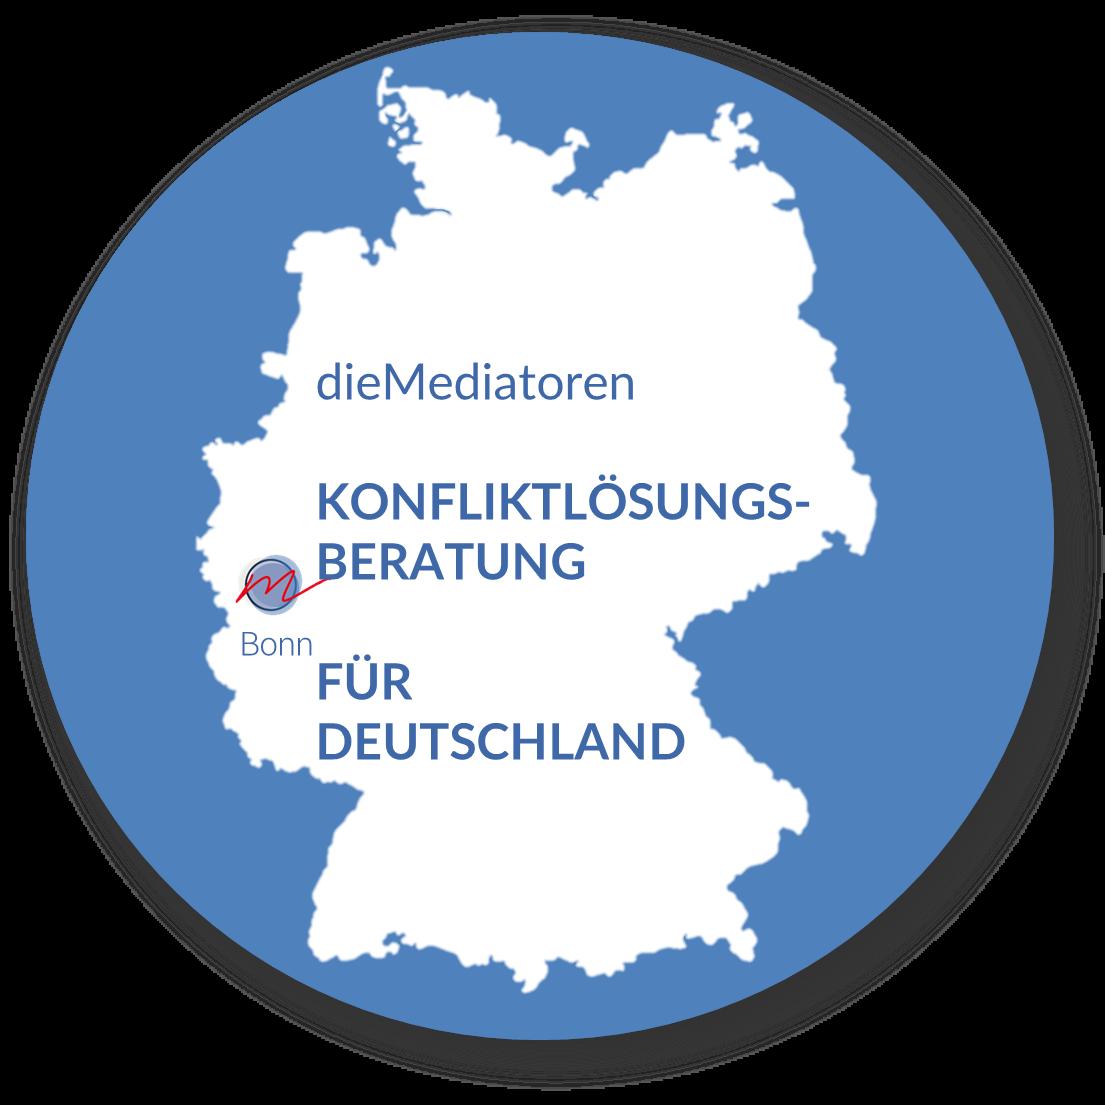 dieMediatoren Konfliktlösungsberatung für Deutschland